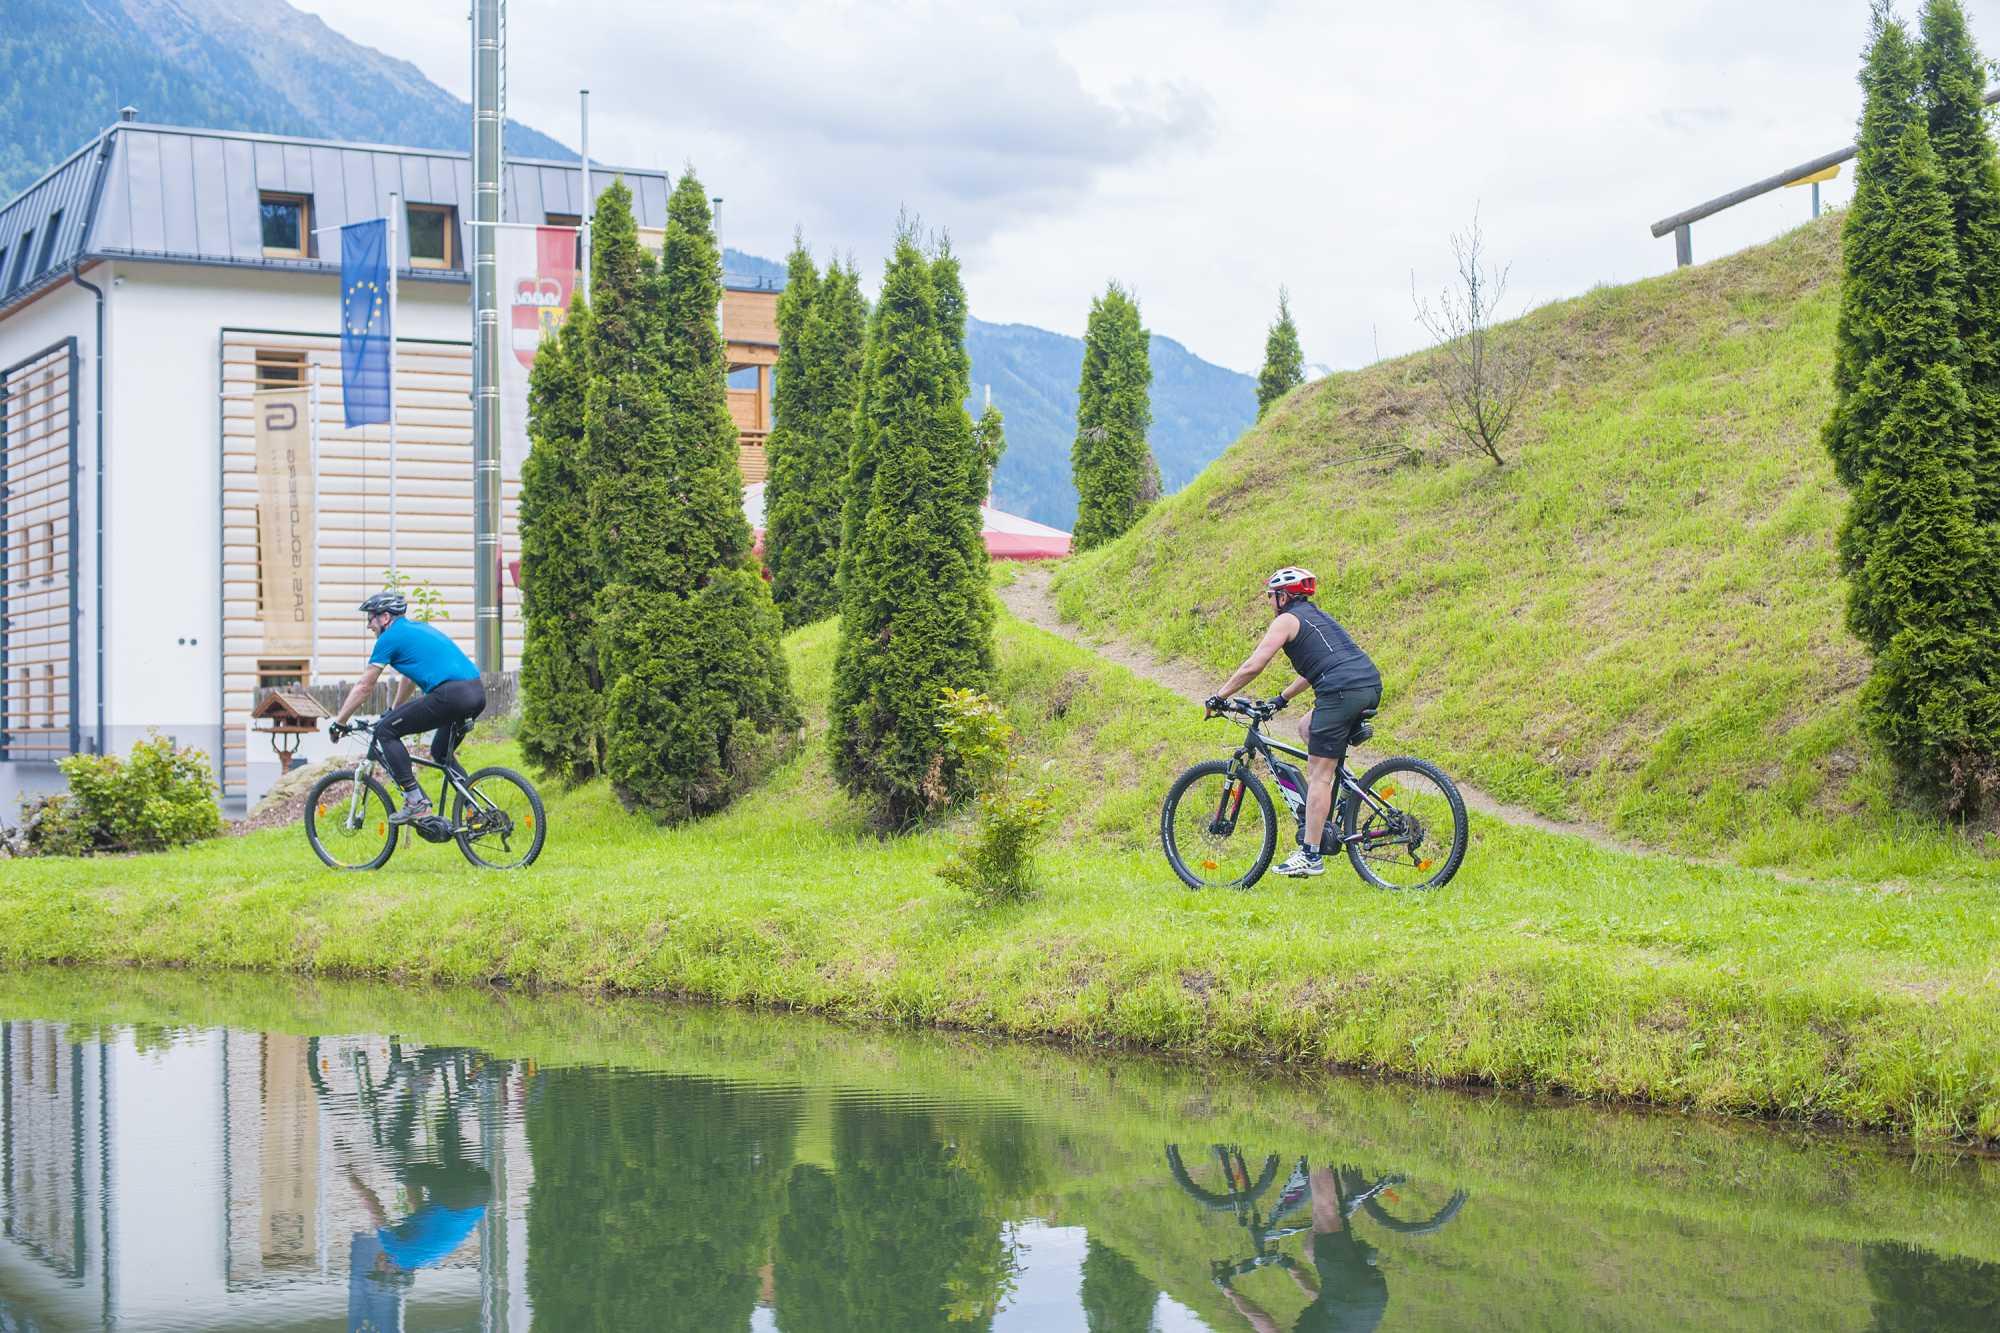 Biken im nationalpark hohe tauern salzburger land for Designhotel salzburg